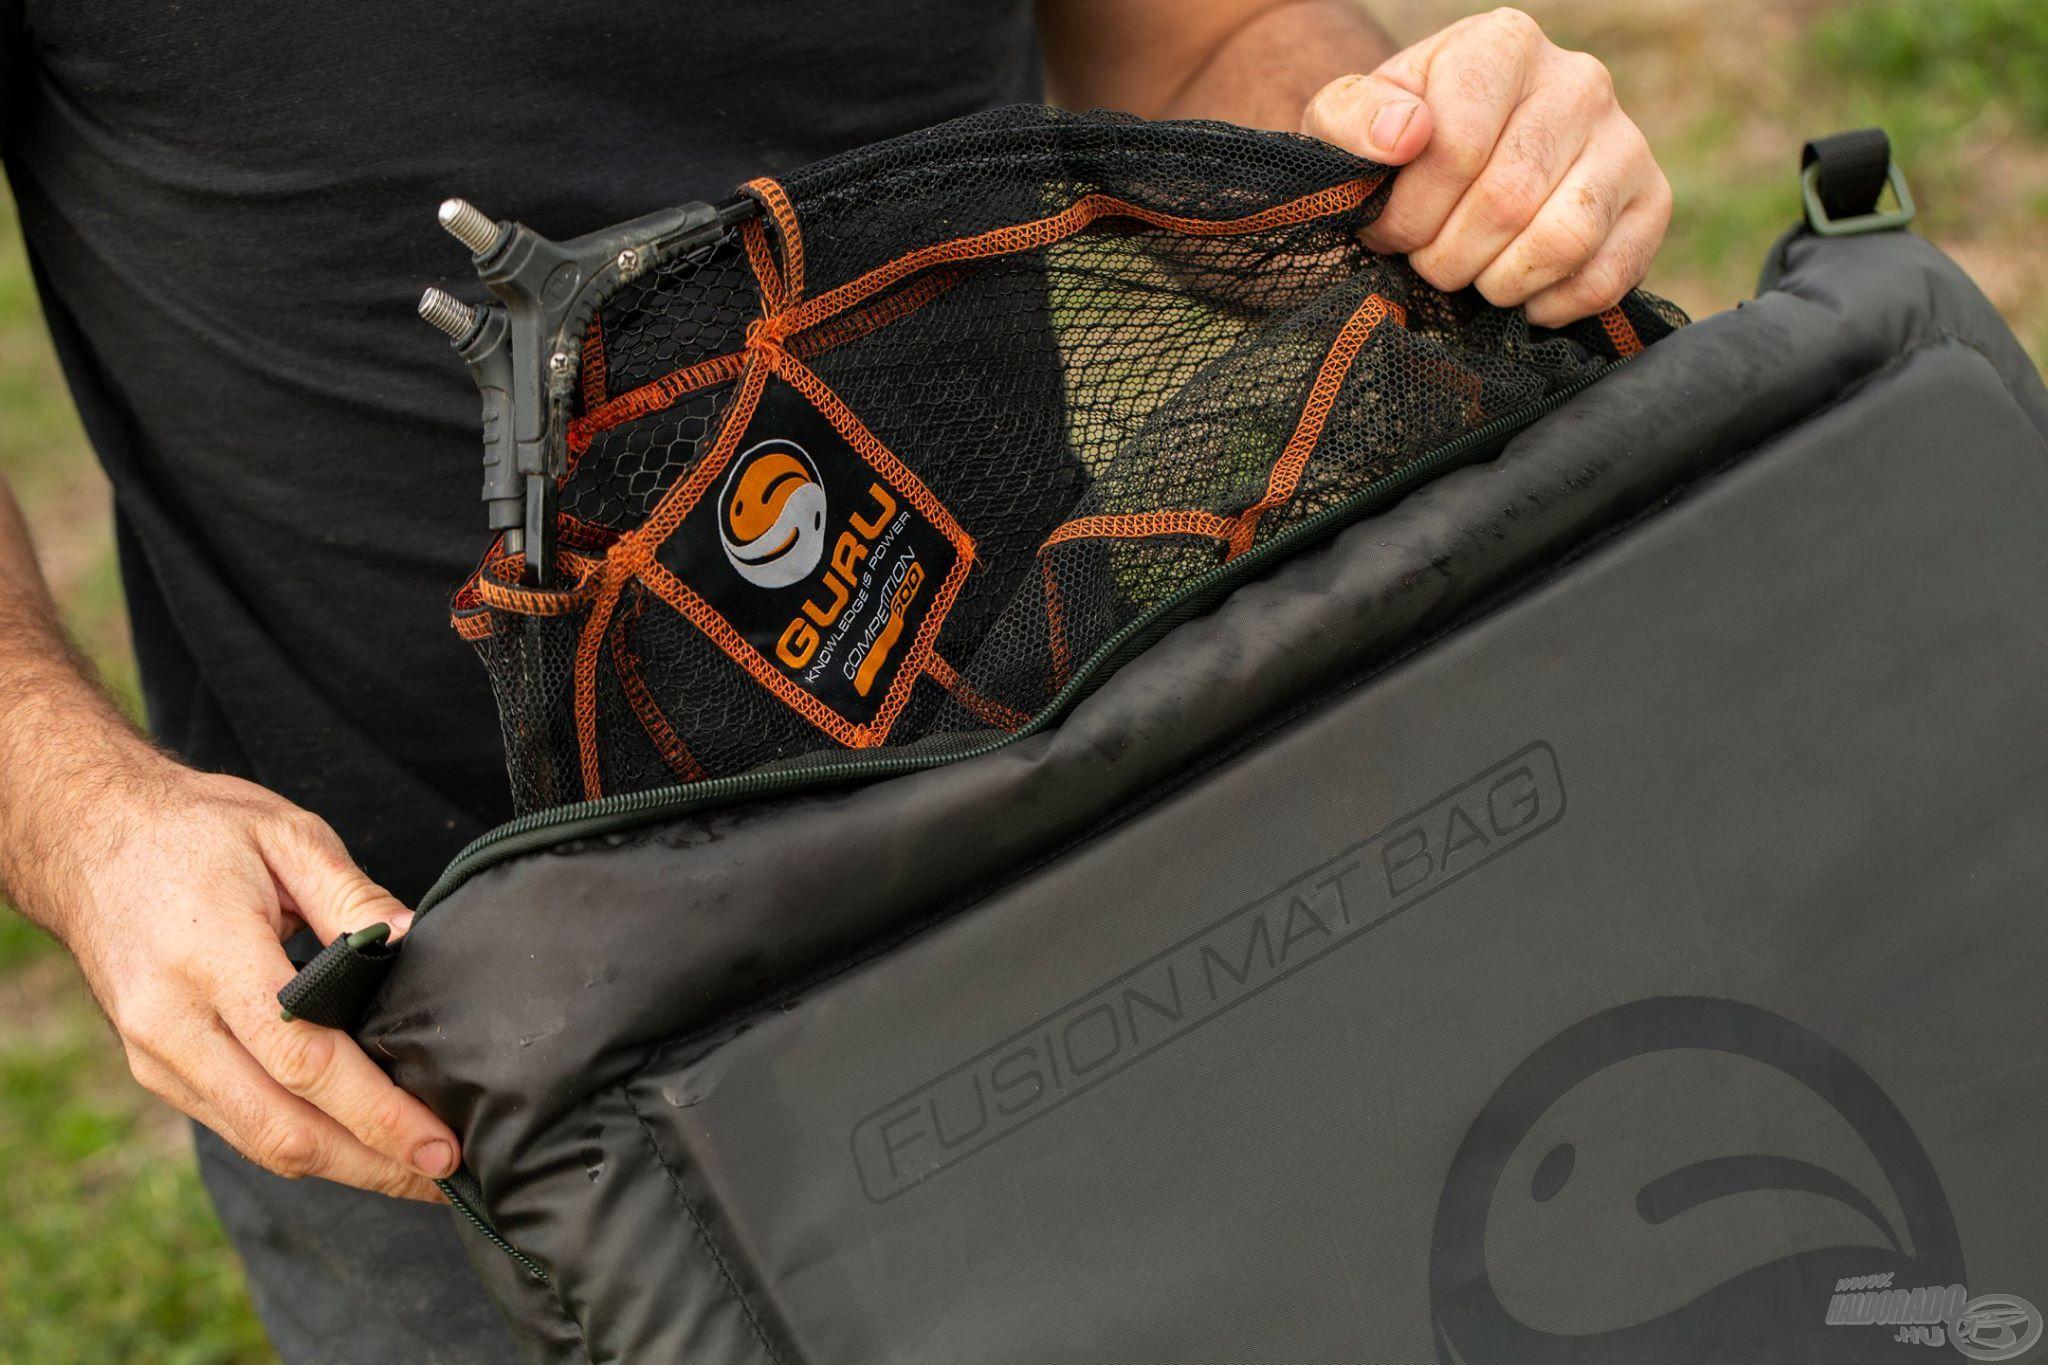 Összecsukva száktartó táskaként is funkcionál